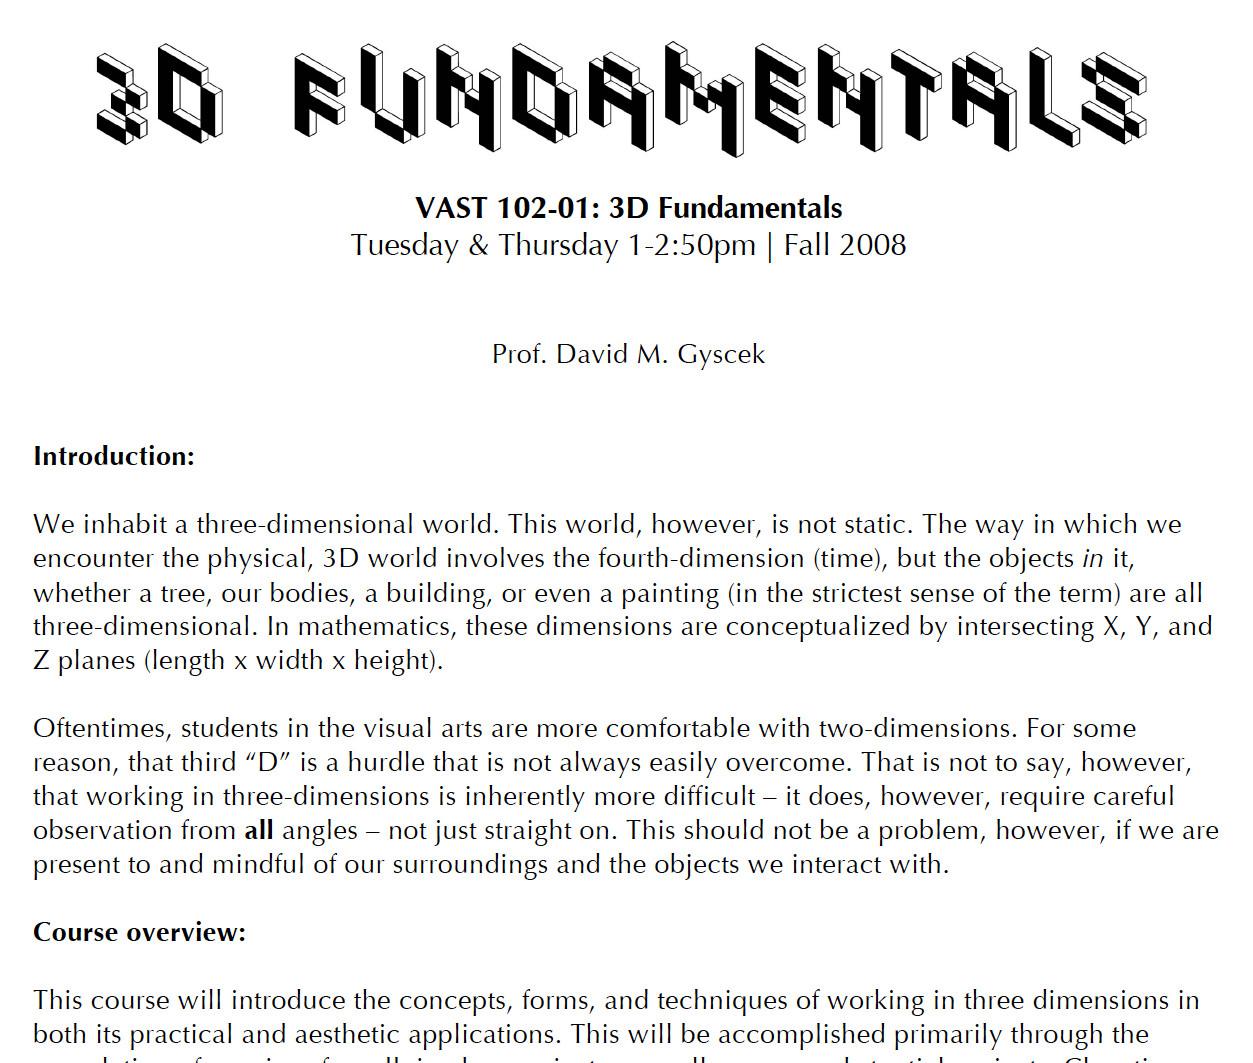 3D_Fund_F08.jpg